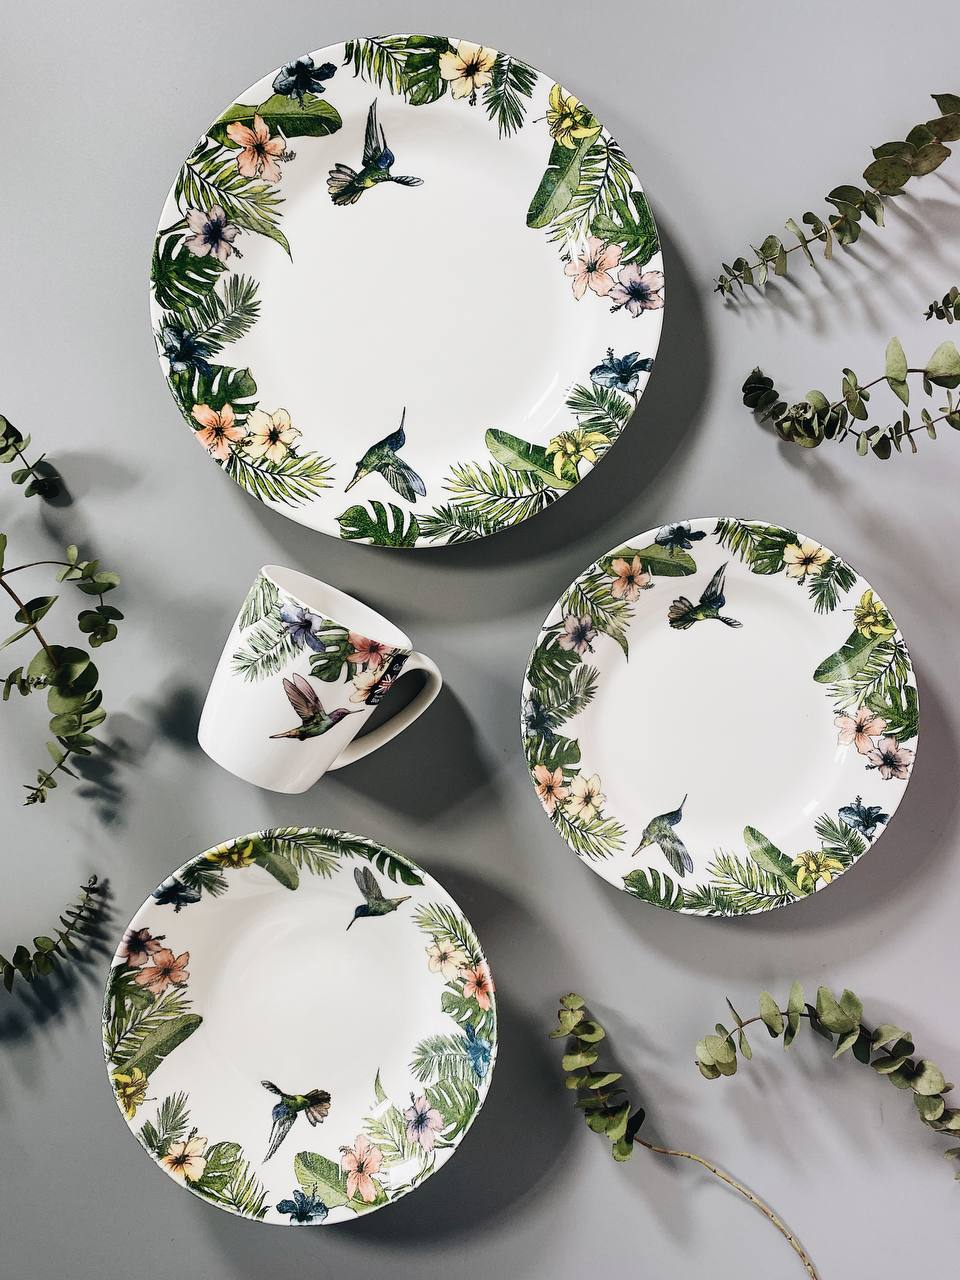 Набор столовой посуды  Churchill REIGNFOREST, 12 предметов, разноцветный Churchill REFO00171 фото 3